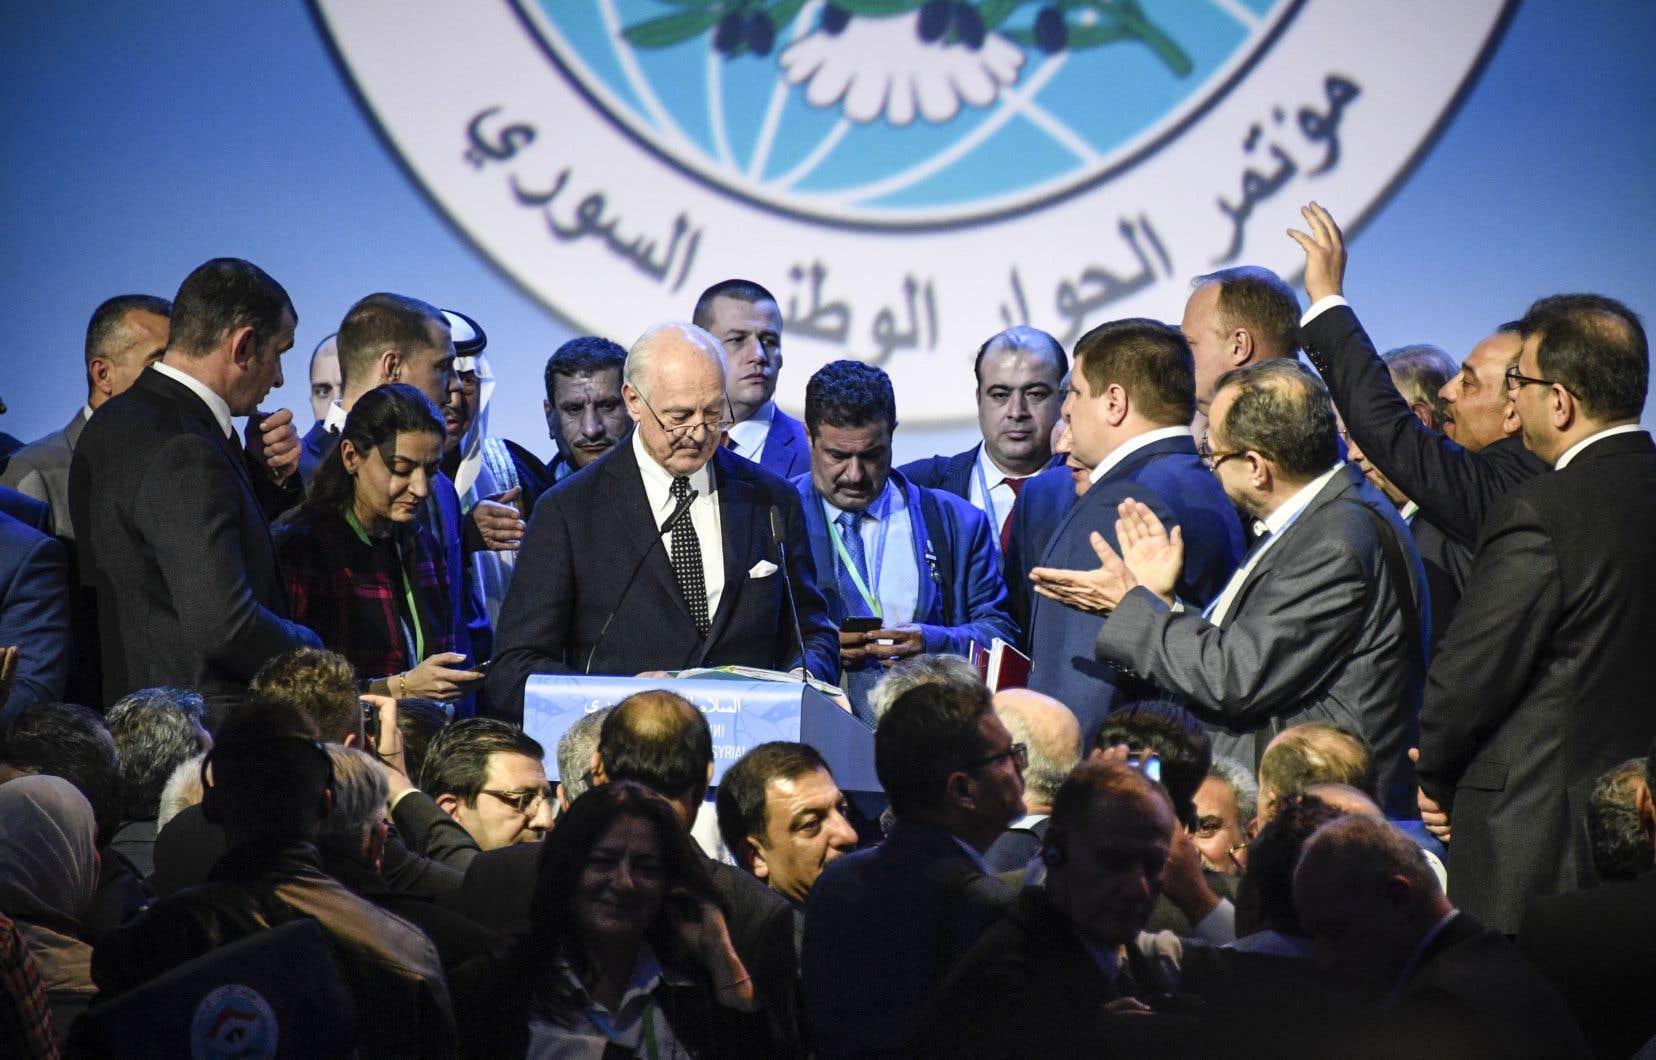 <p>L'émissaire des Nations unies Staffan de Mistura prononce un discours à l'issue d'une séance plénière au Congrès du dialogue national syrien à Sotchi, mardi.</p>